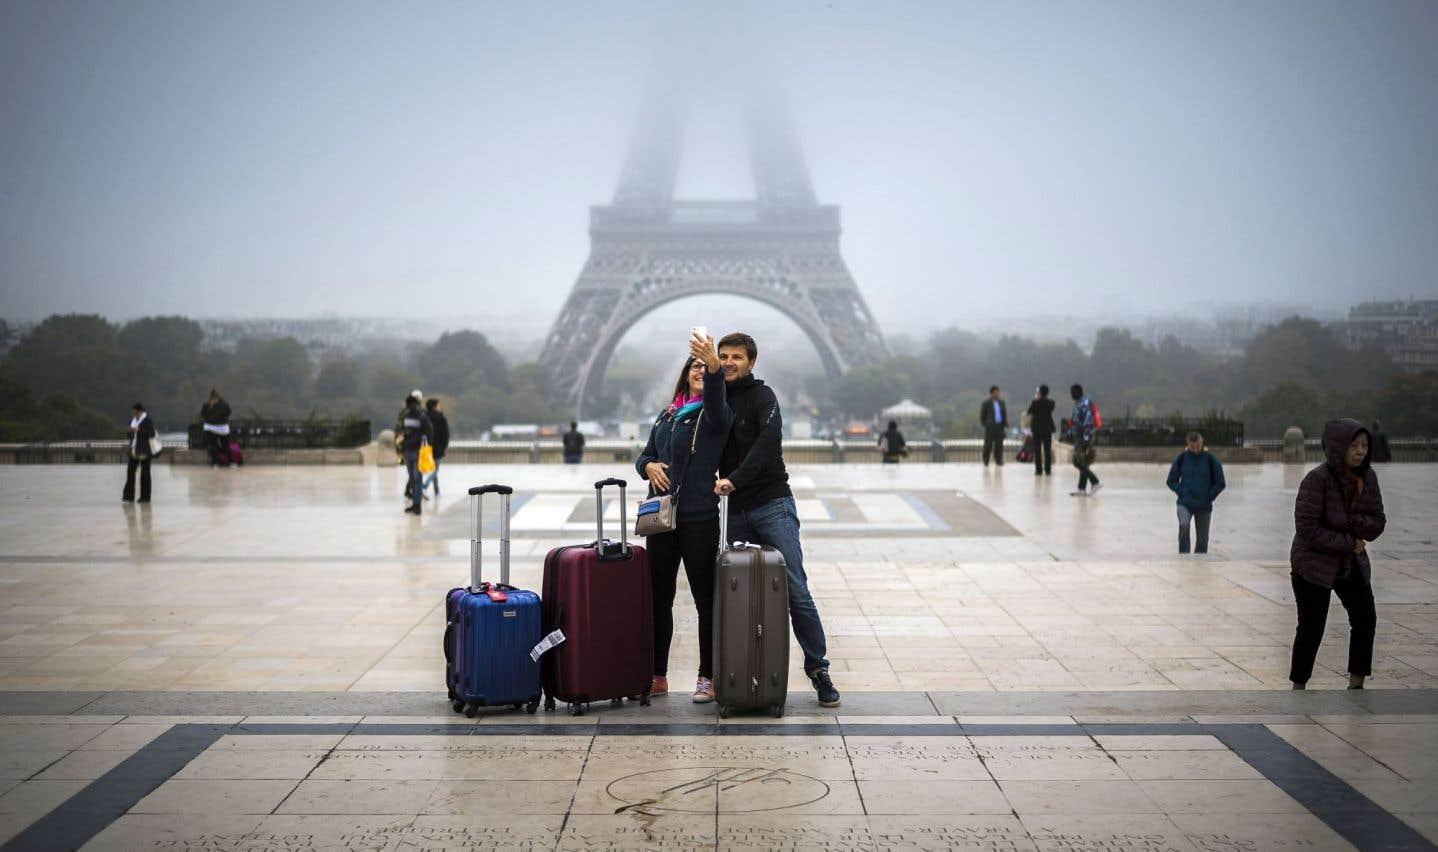 Paris mise sur ses monuments, sa gastronomie et les noctambules